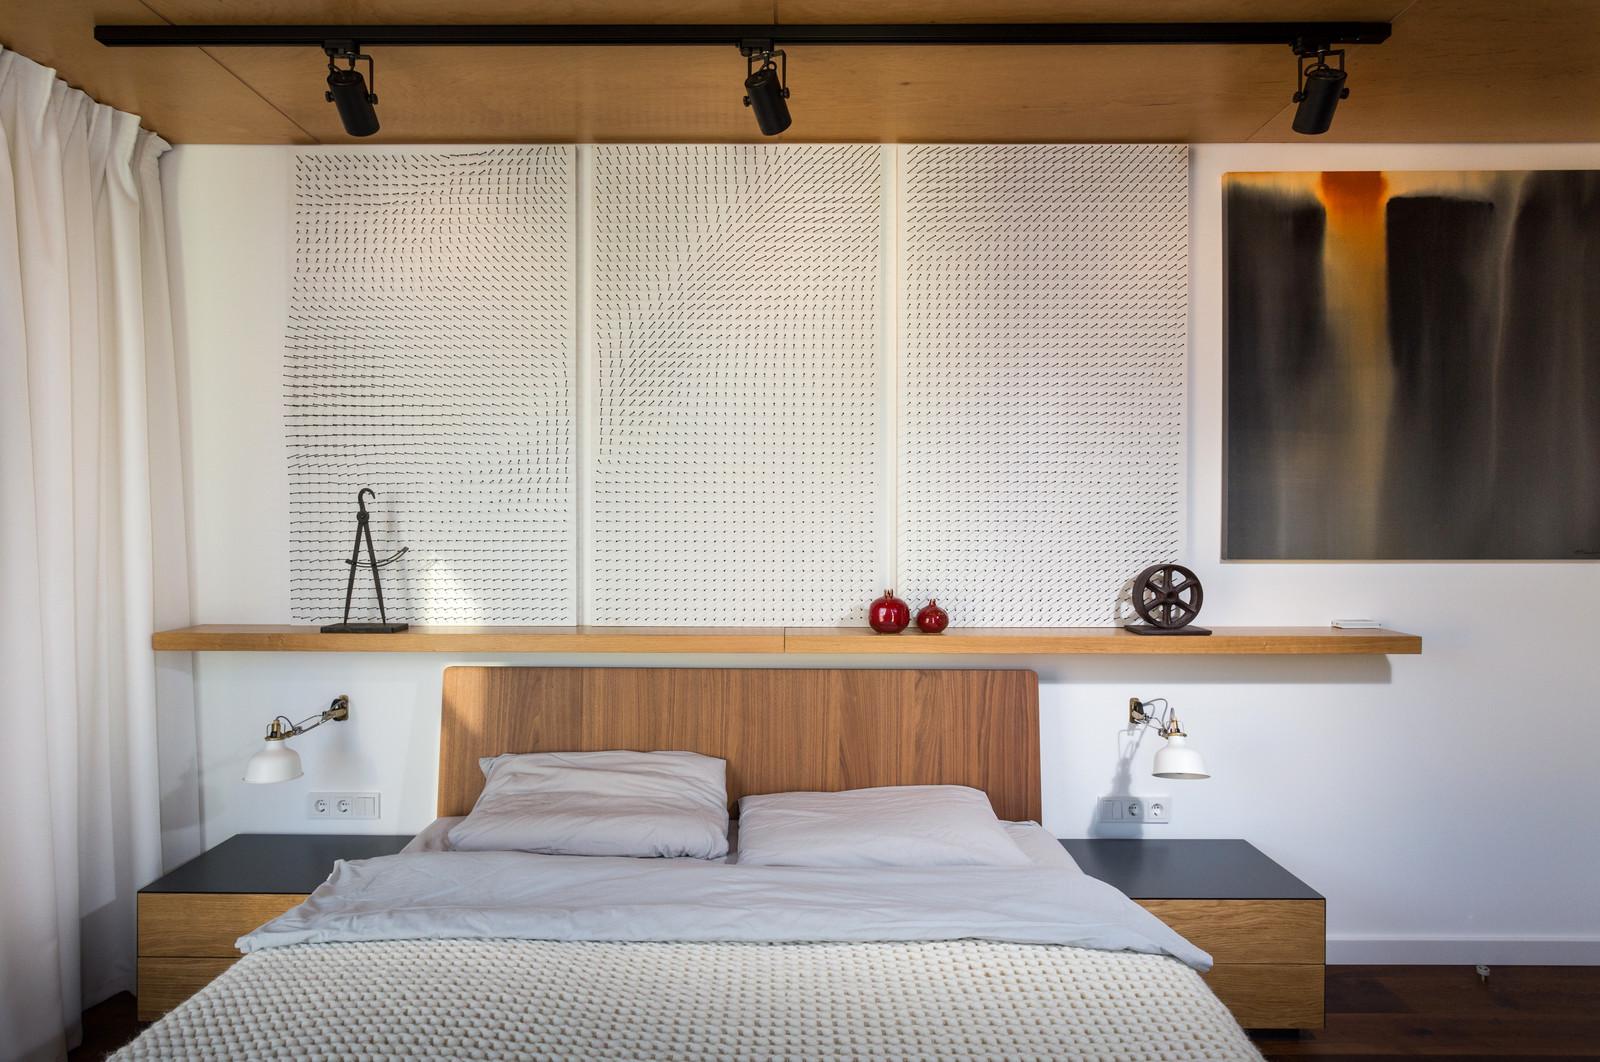 Apartment-design-just3ds.com-14